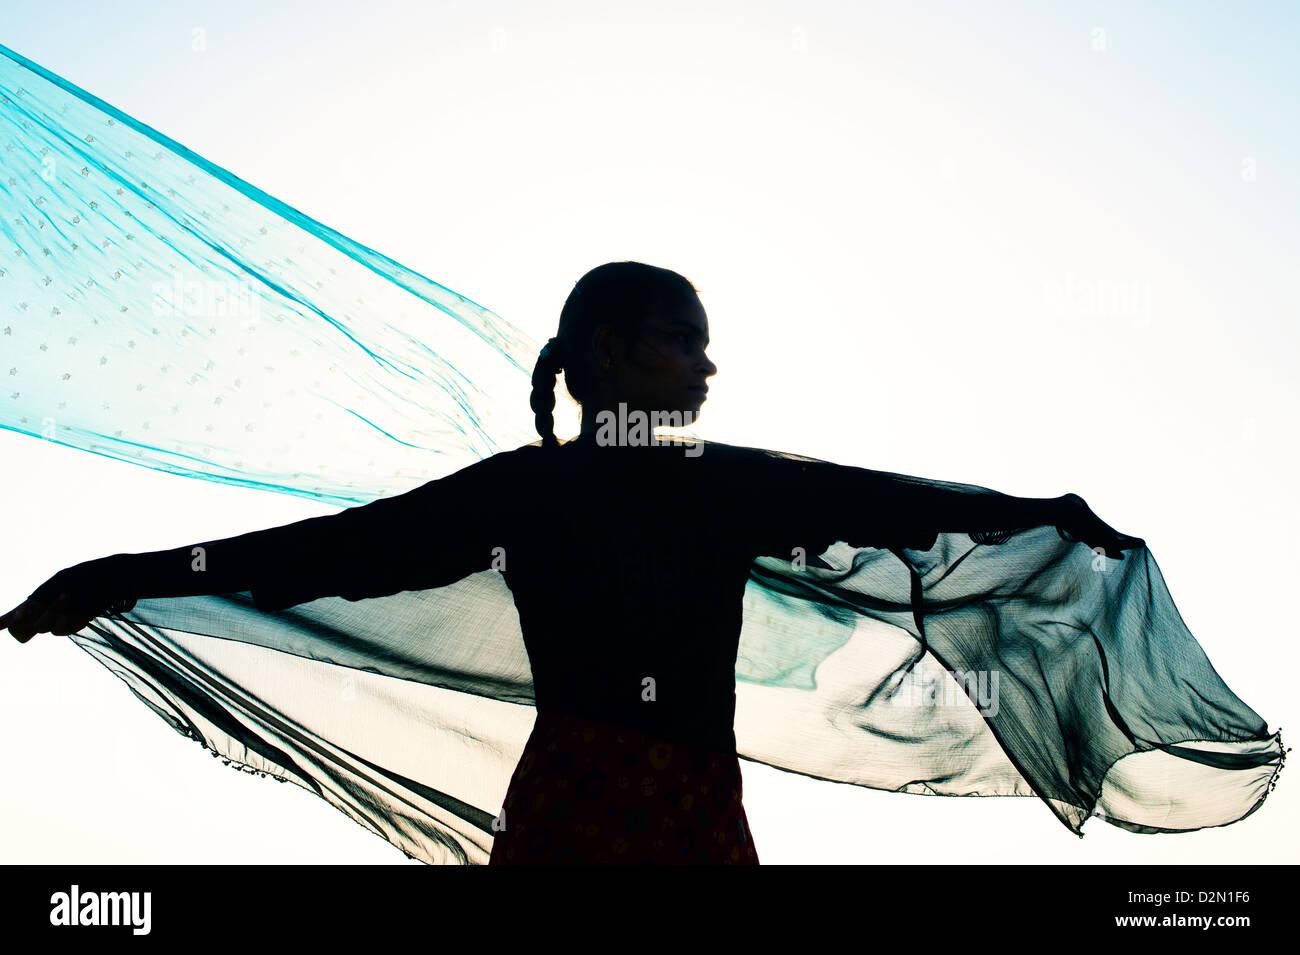 Ragazza indiana con veli di sterzata nel vento verso il sole. Silhouette. India Immagini Stock